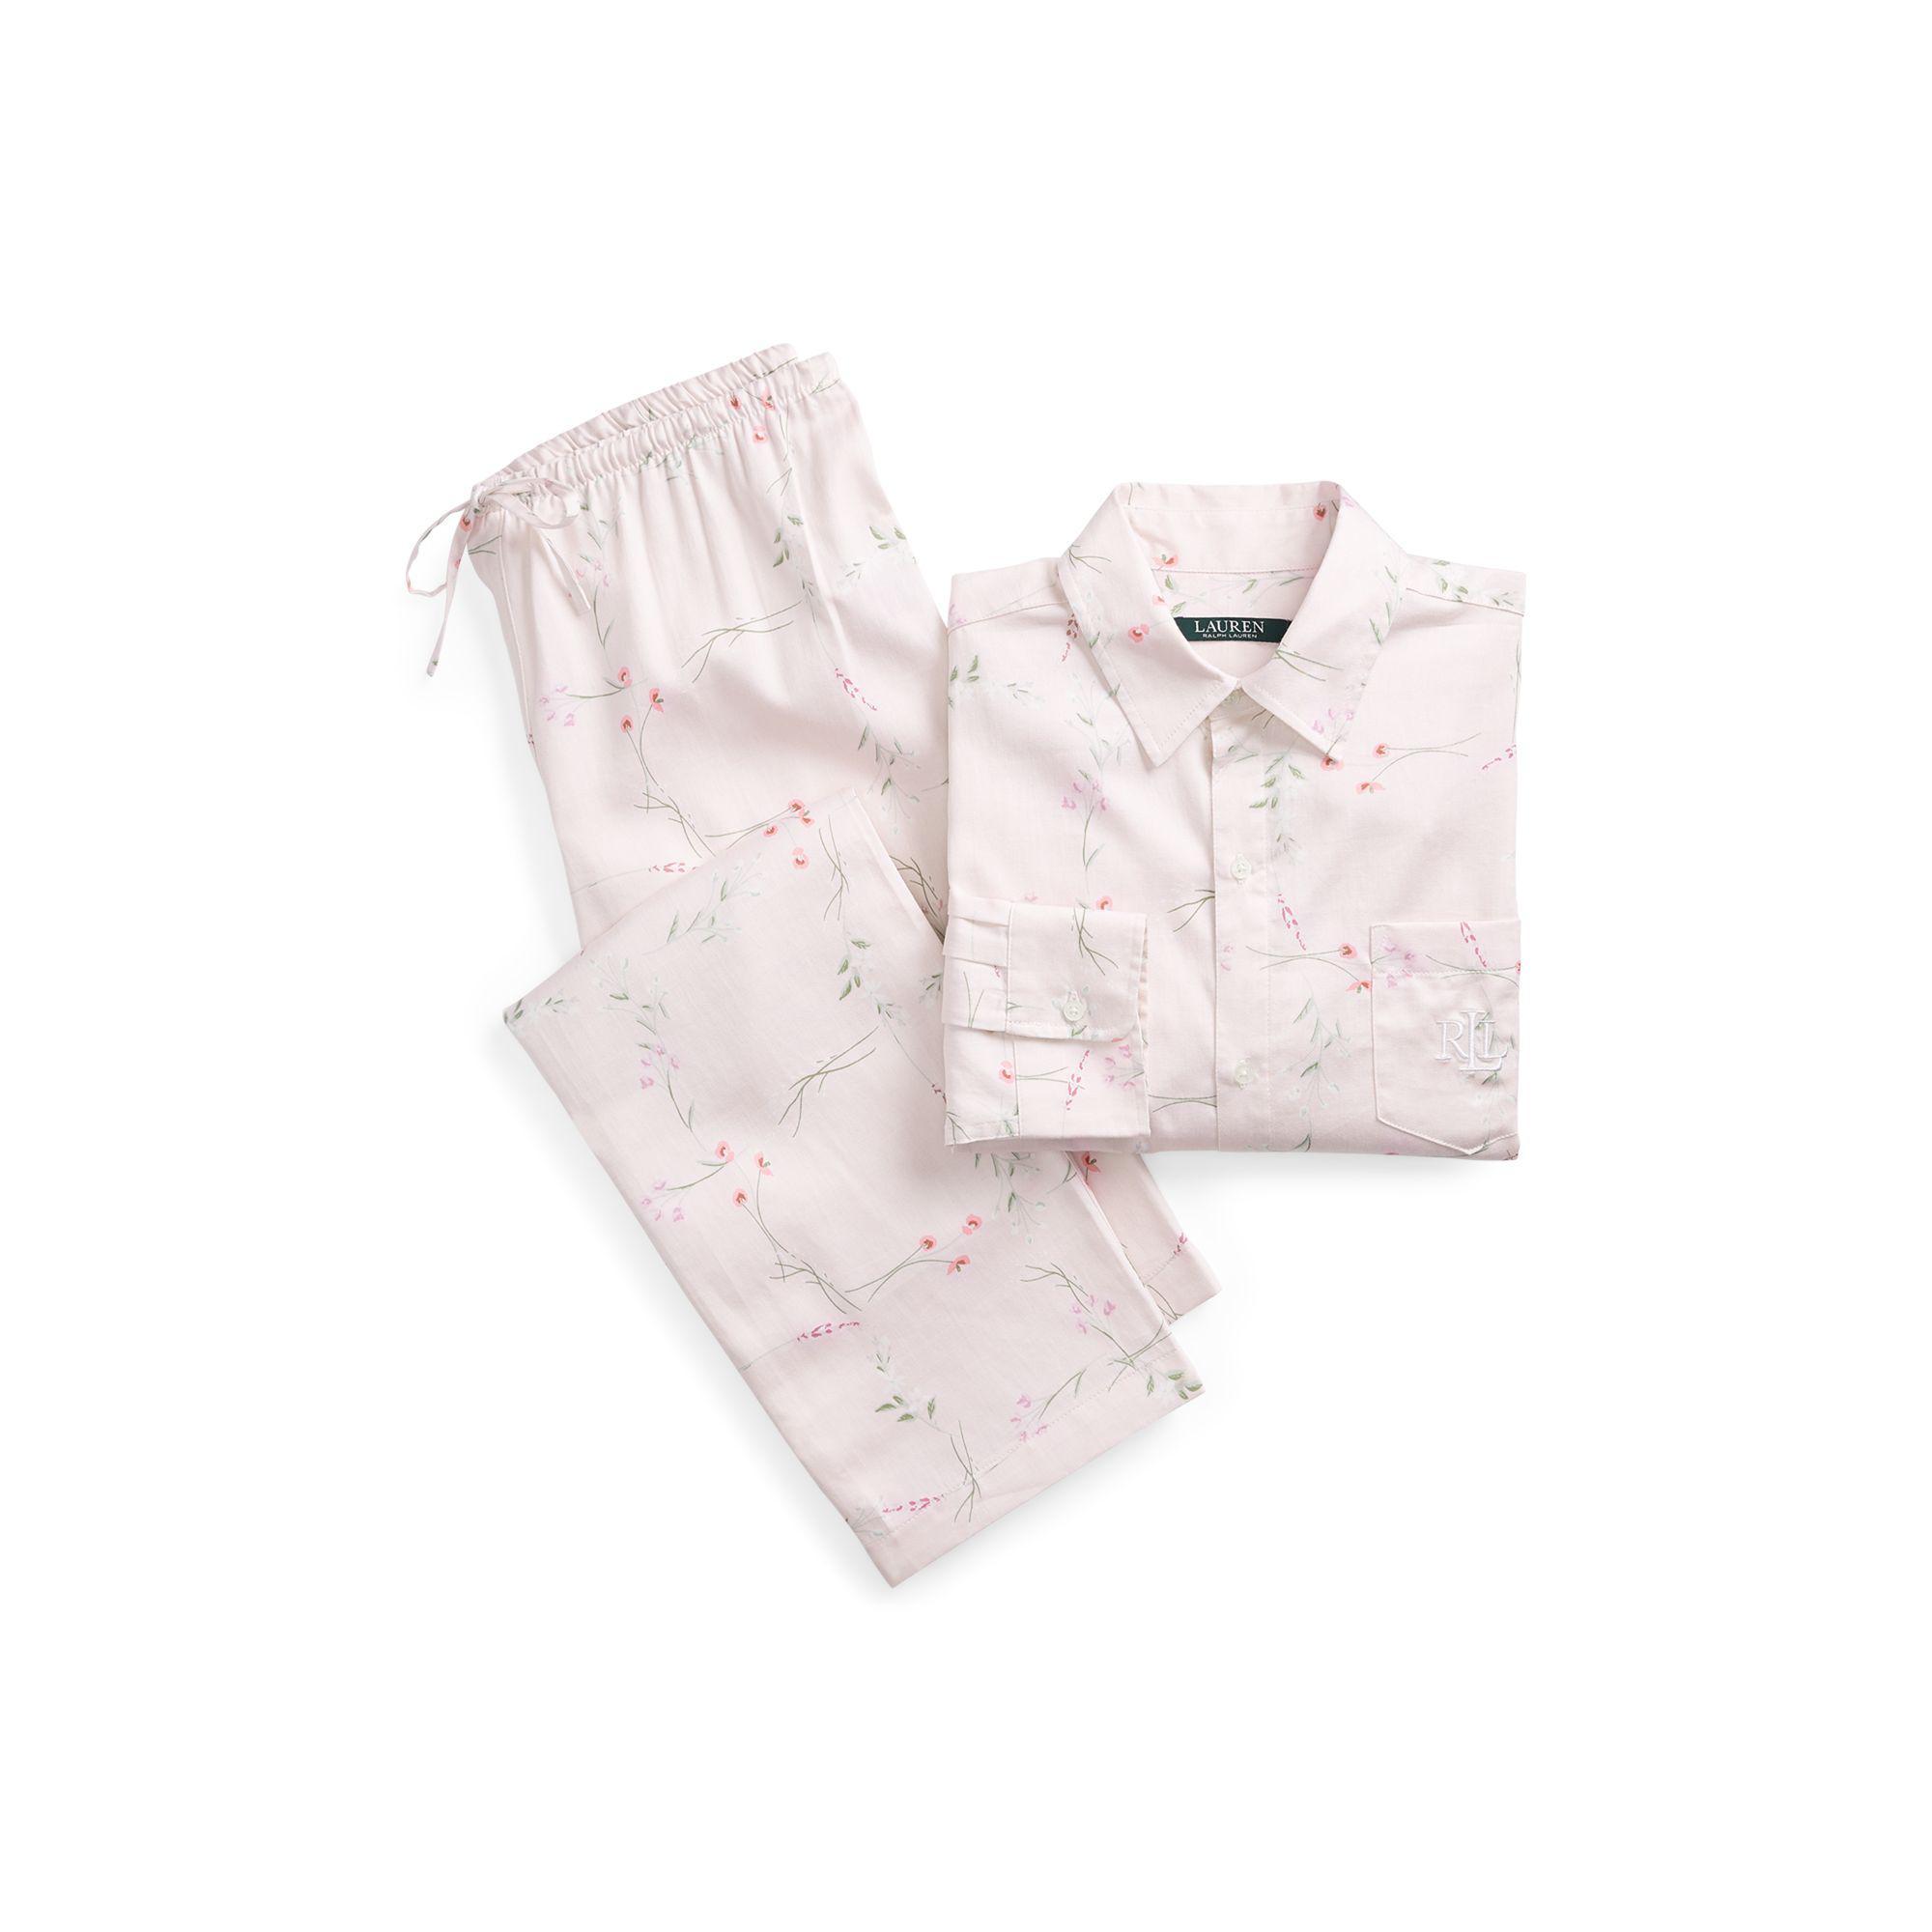 Lyst - Ralph Lauren Floral Sateen Sleep Set in Pink b6db81d36